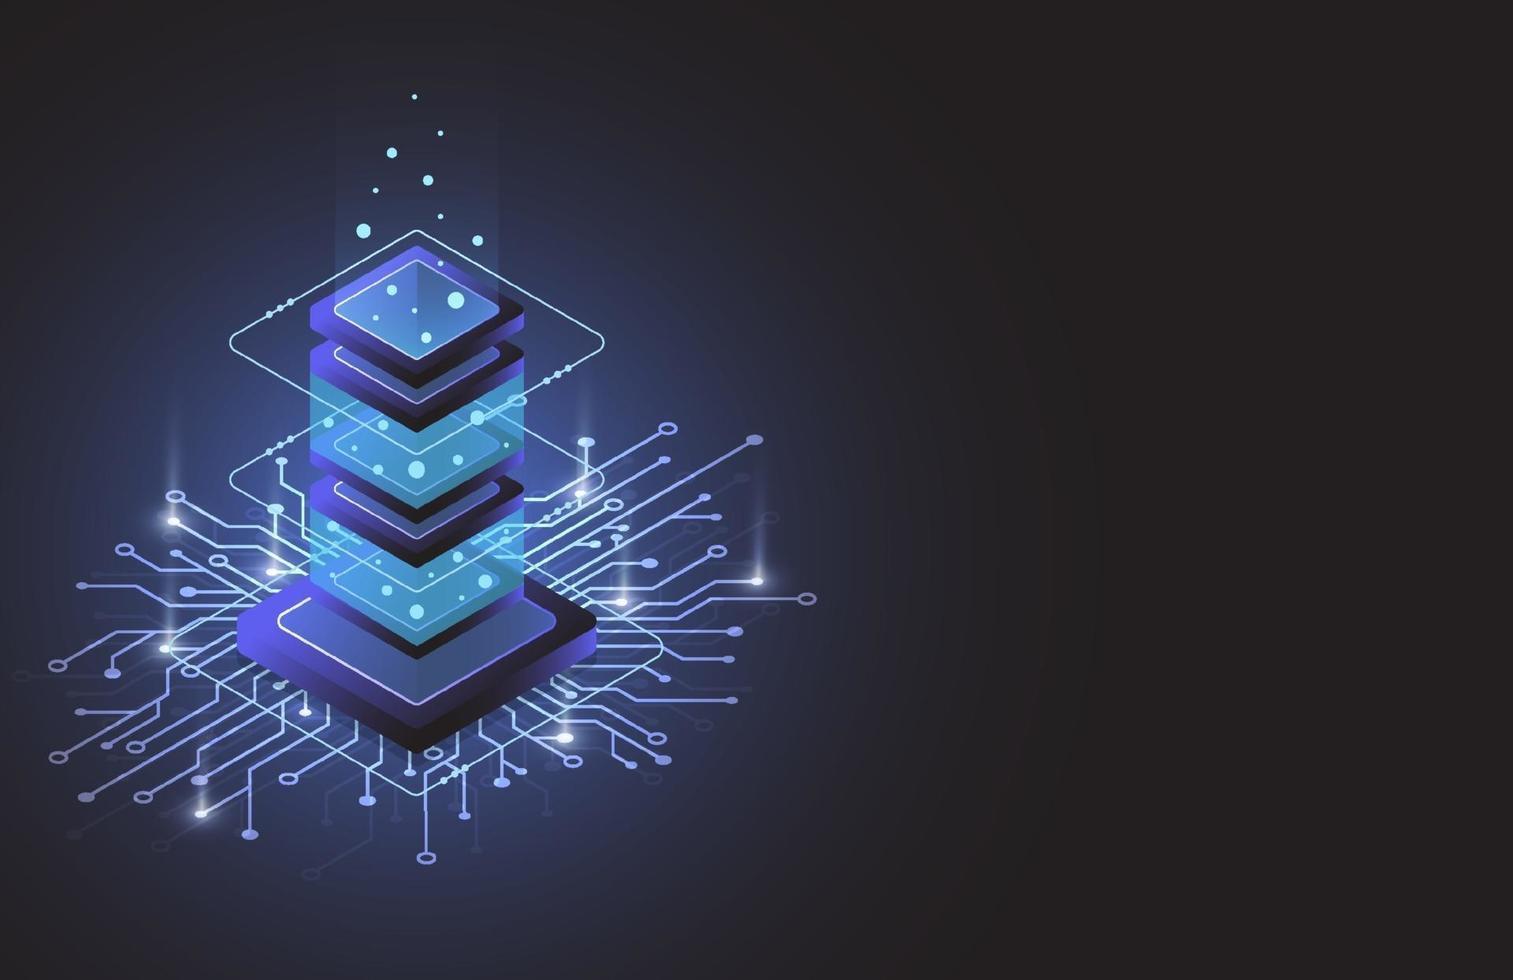 Serverraum-Isometrie, Cloud-Speicherdaten, Rechenzentrum, Big-Data-Verarbeitung und Computertechnologie. Vektorillustration vektor